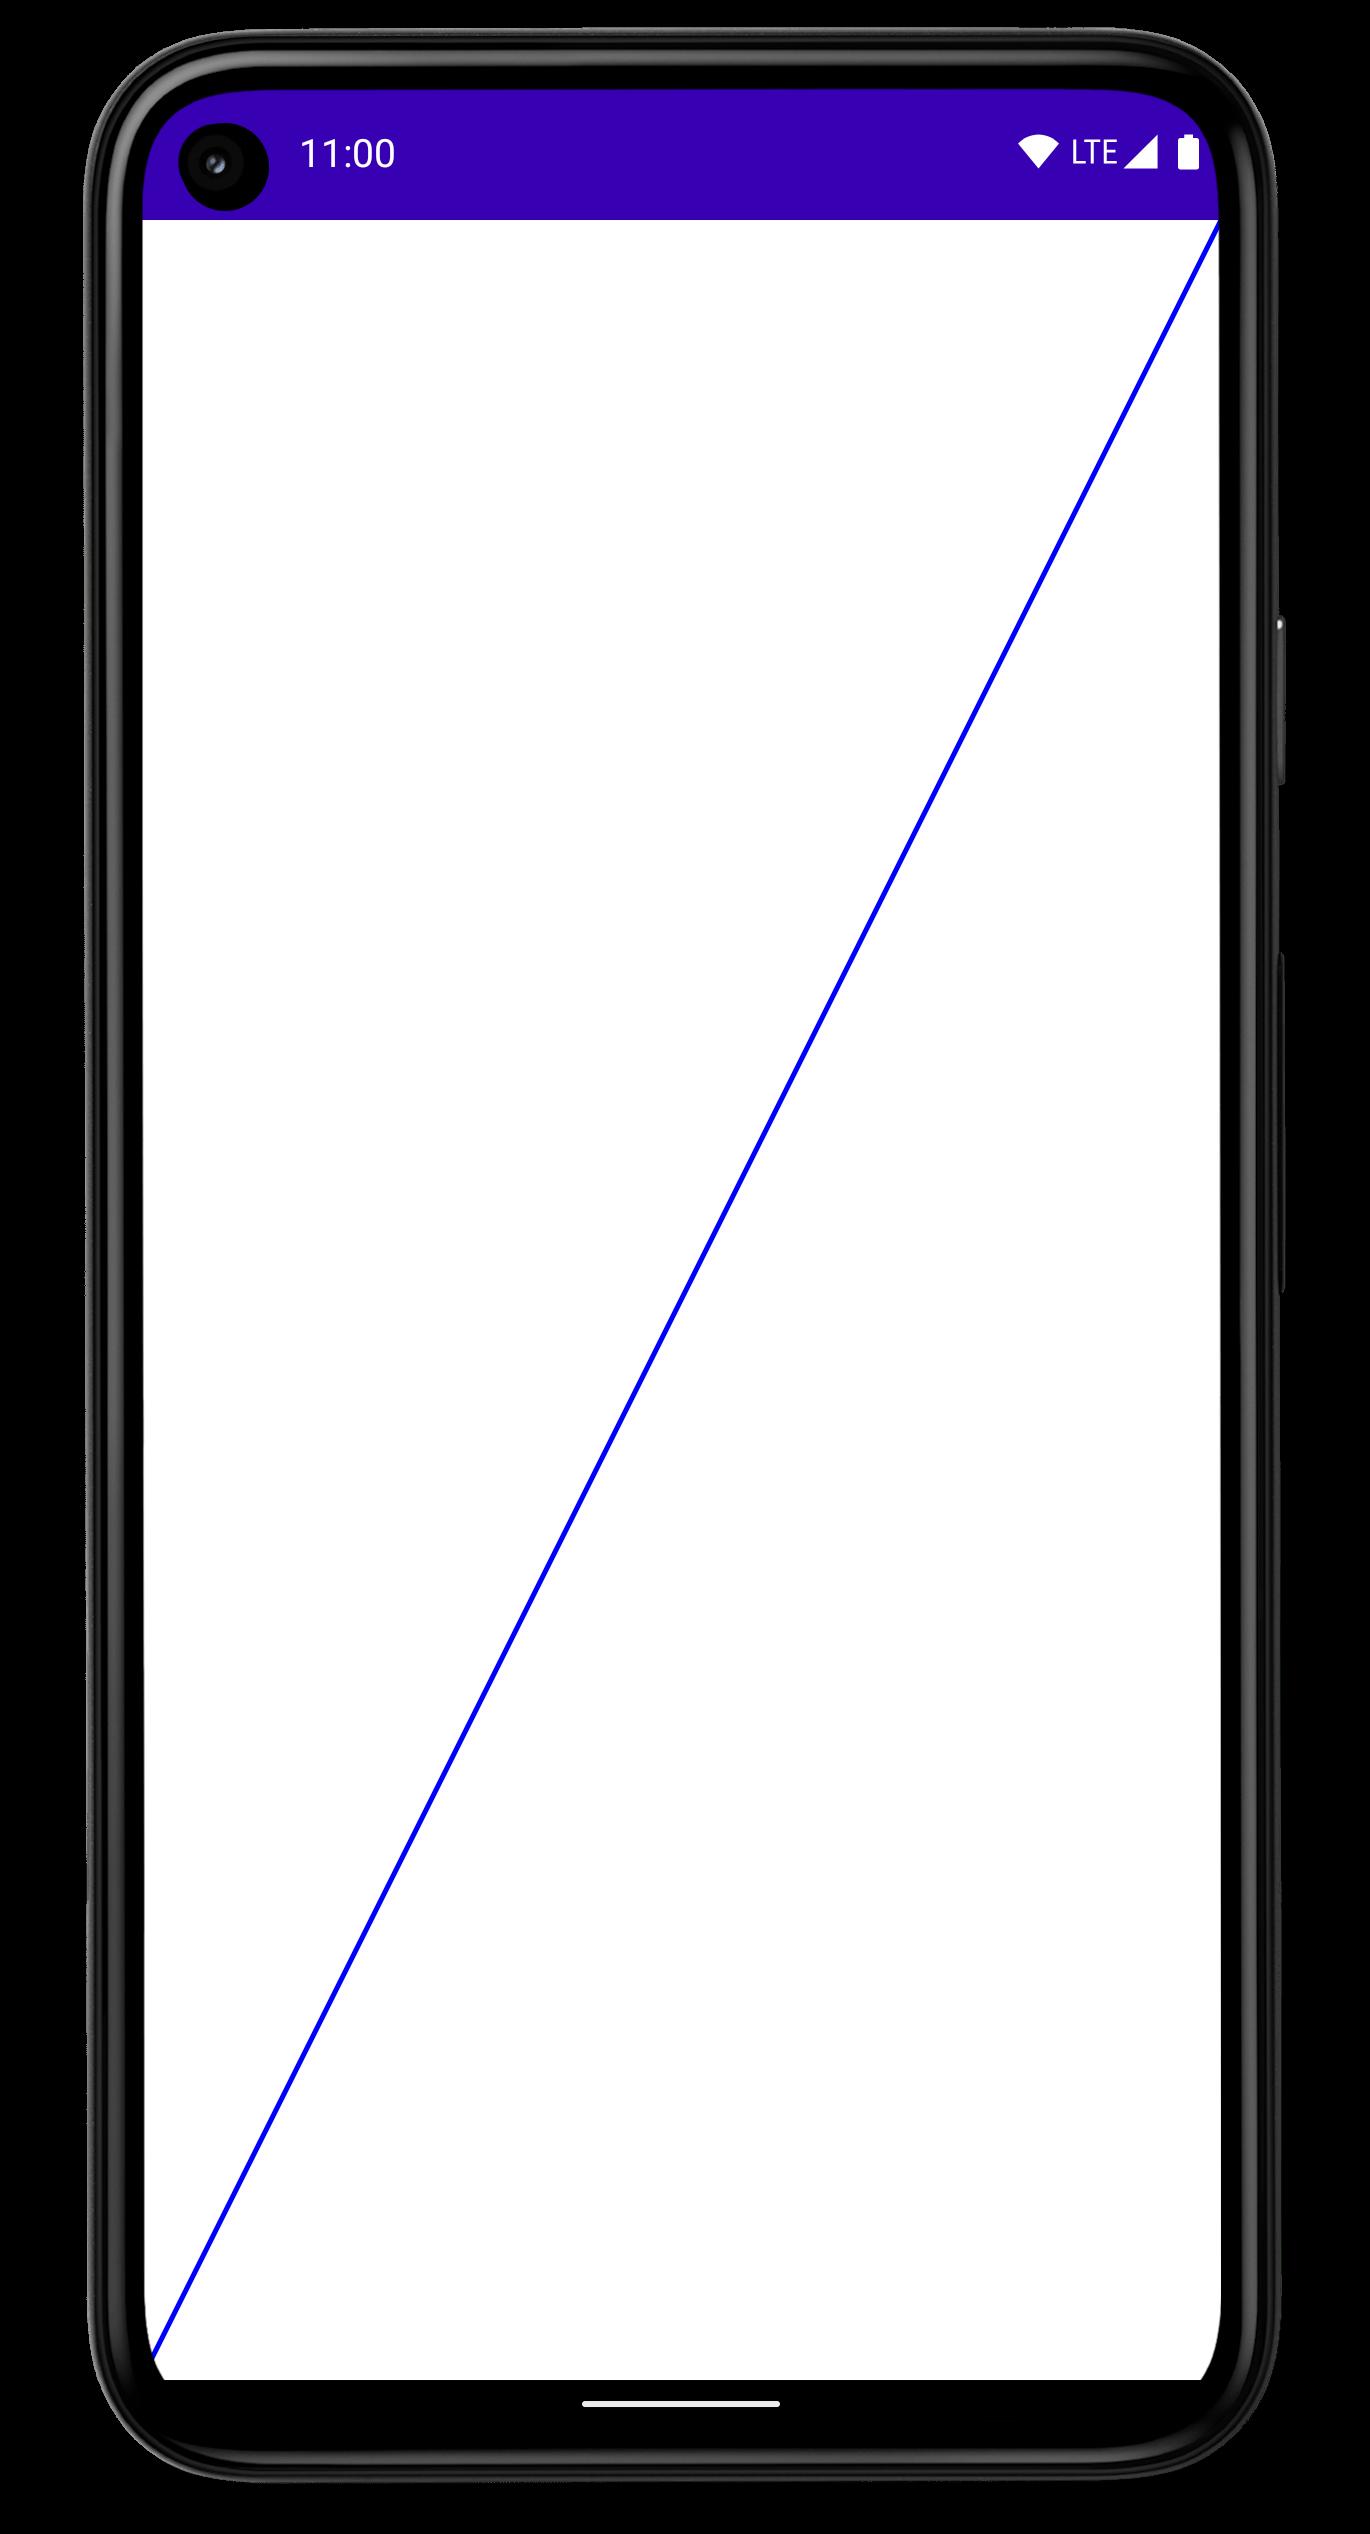 Smartphone com uma linha mais grossa desenhada na diagonal da tela.